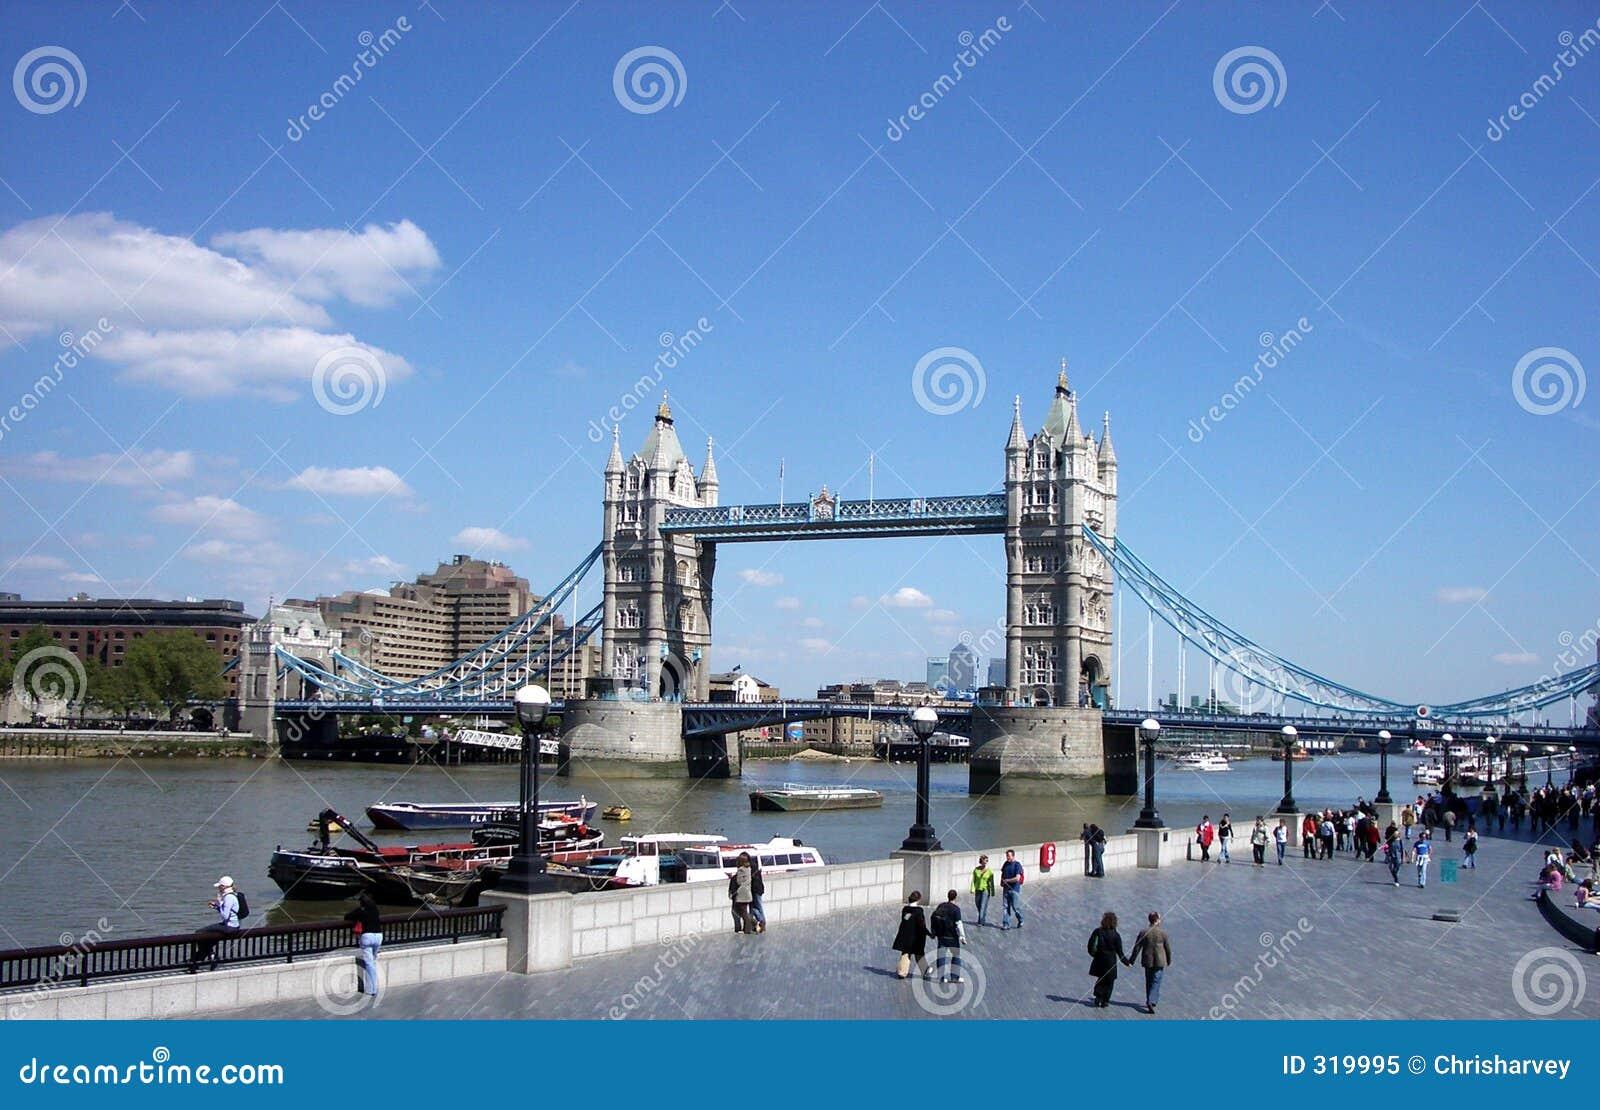 London 100